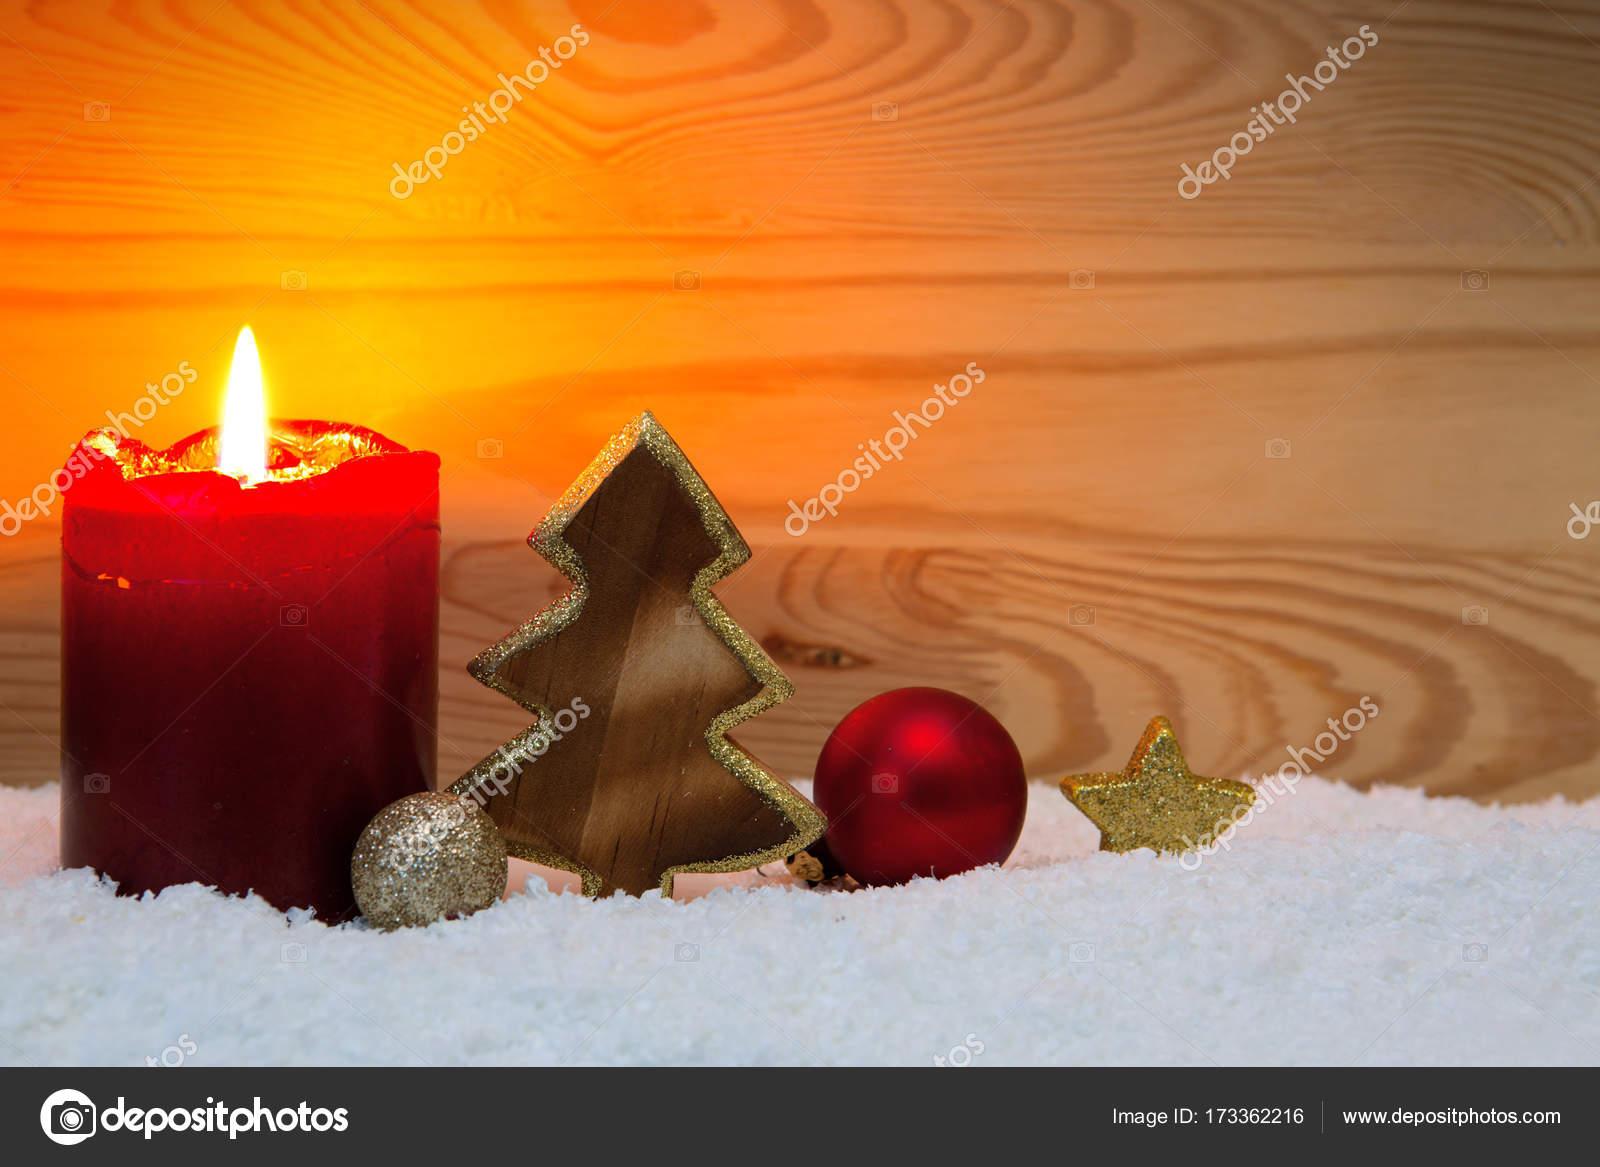 Weihnachtsbaum dekoration und advent kerze stockfoto - Dekoration advent ...